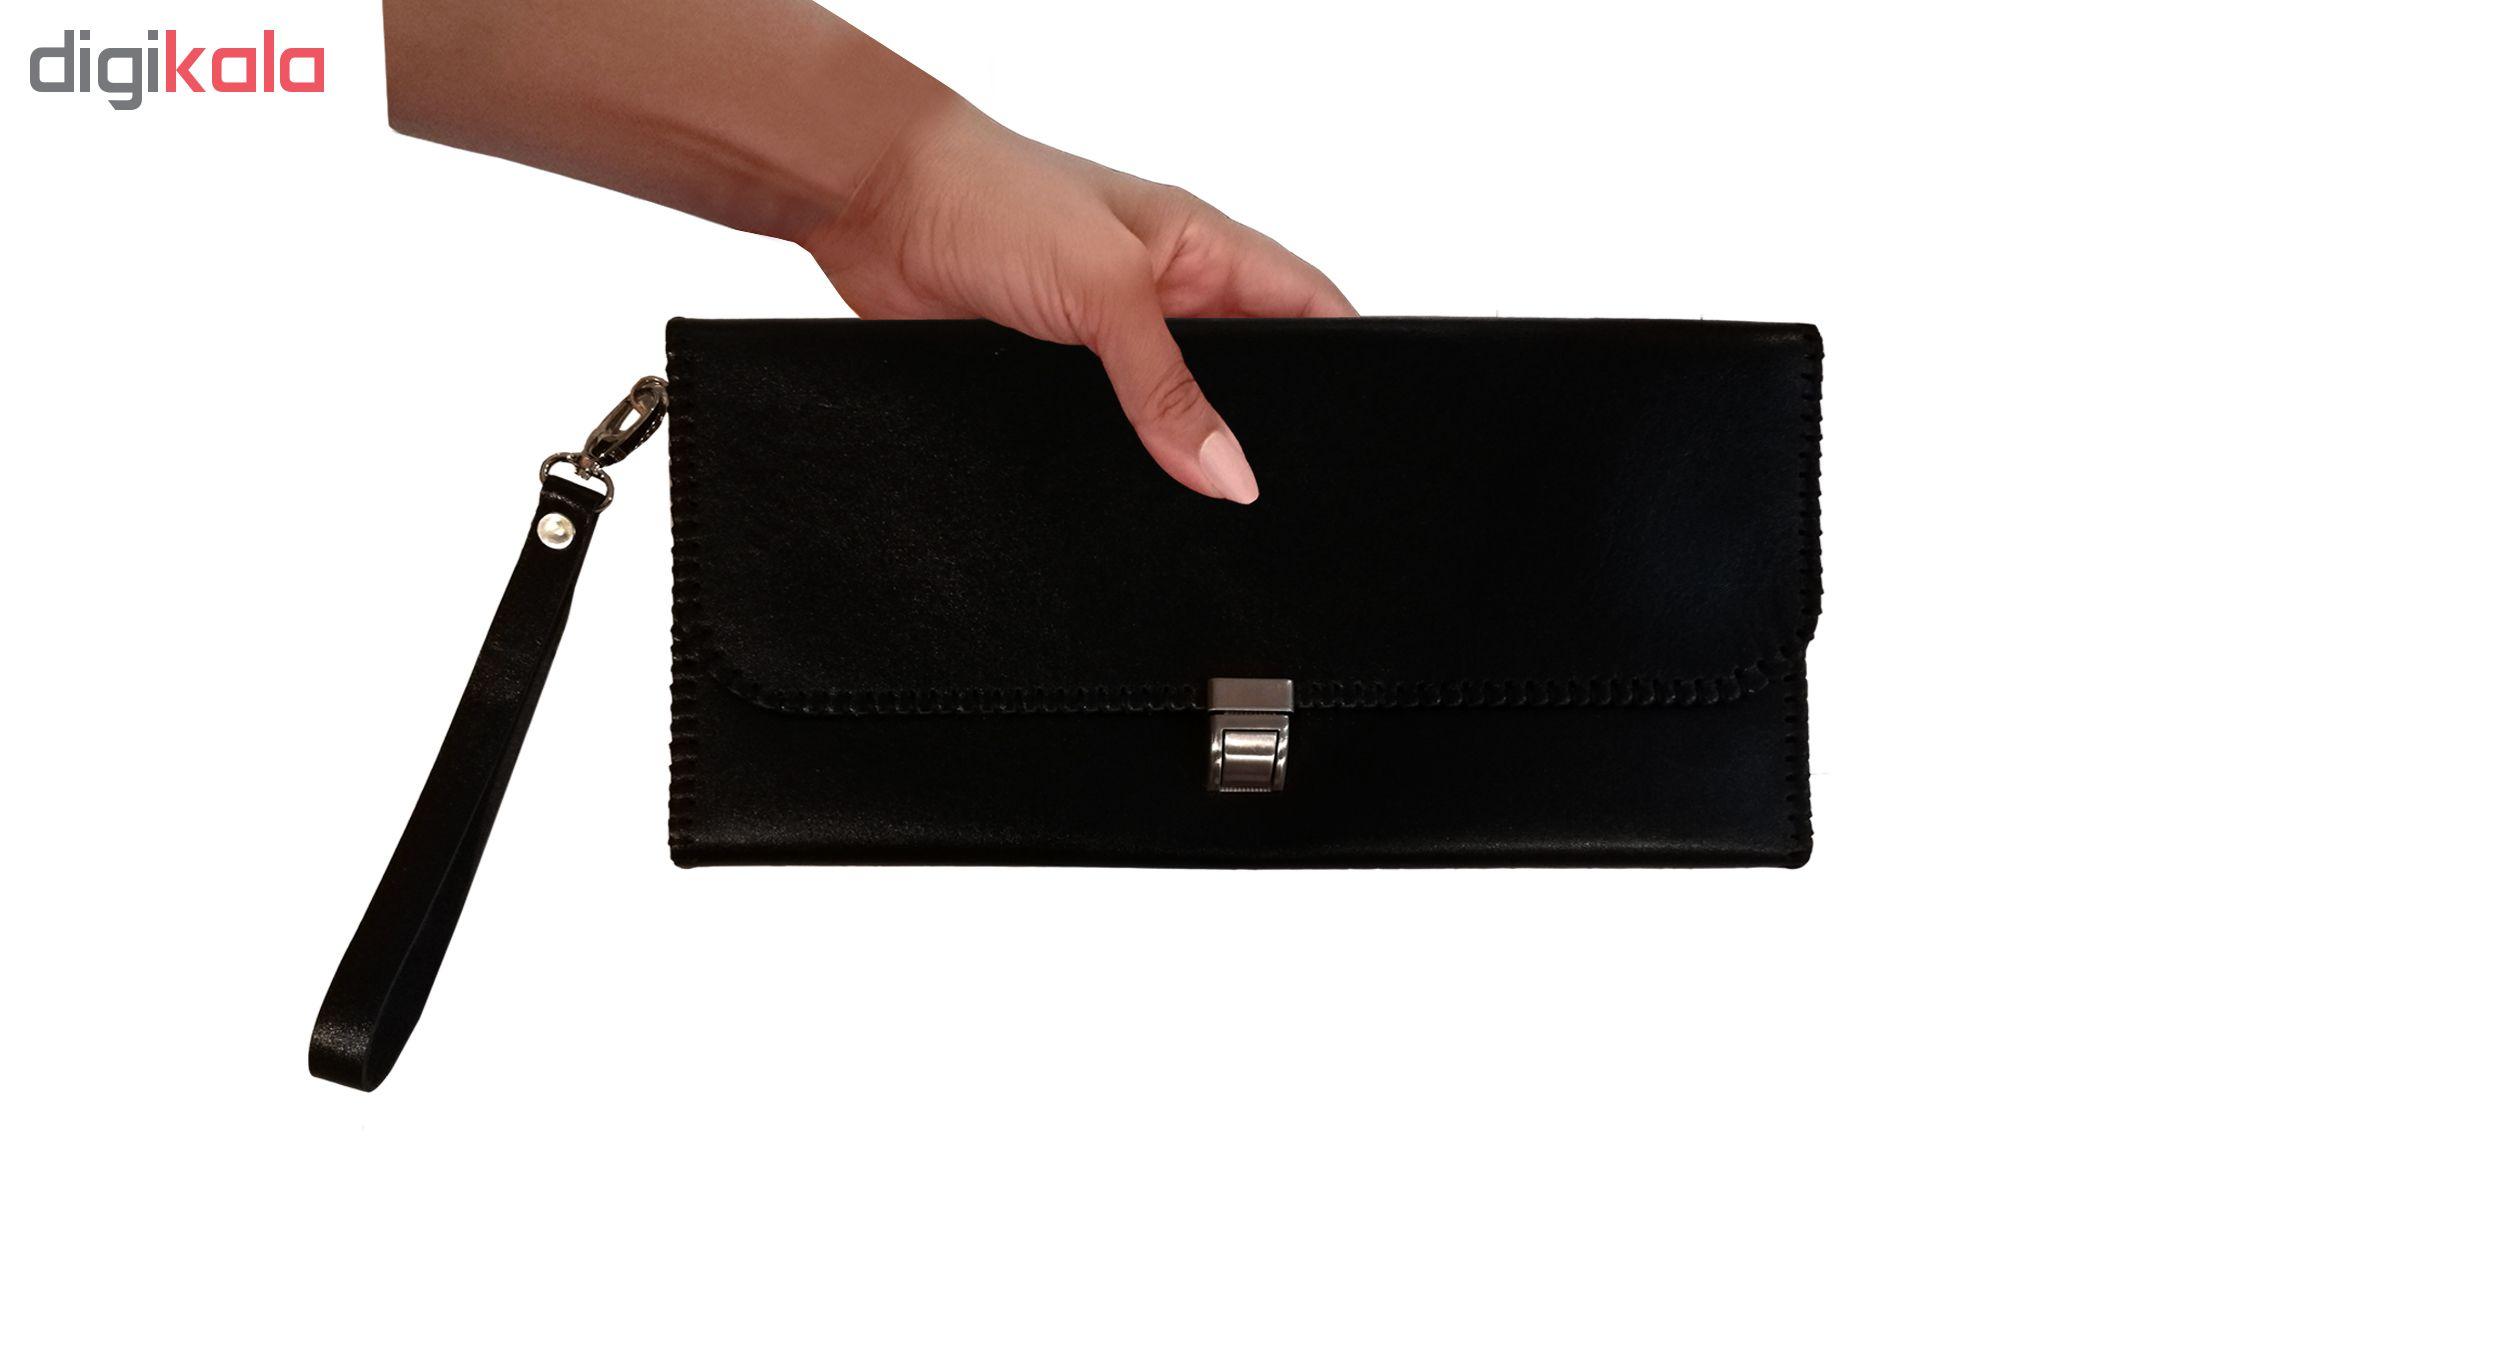 کیف  چرمی مدل دسته چک کد MRK2